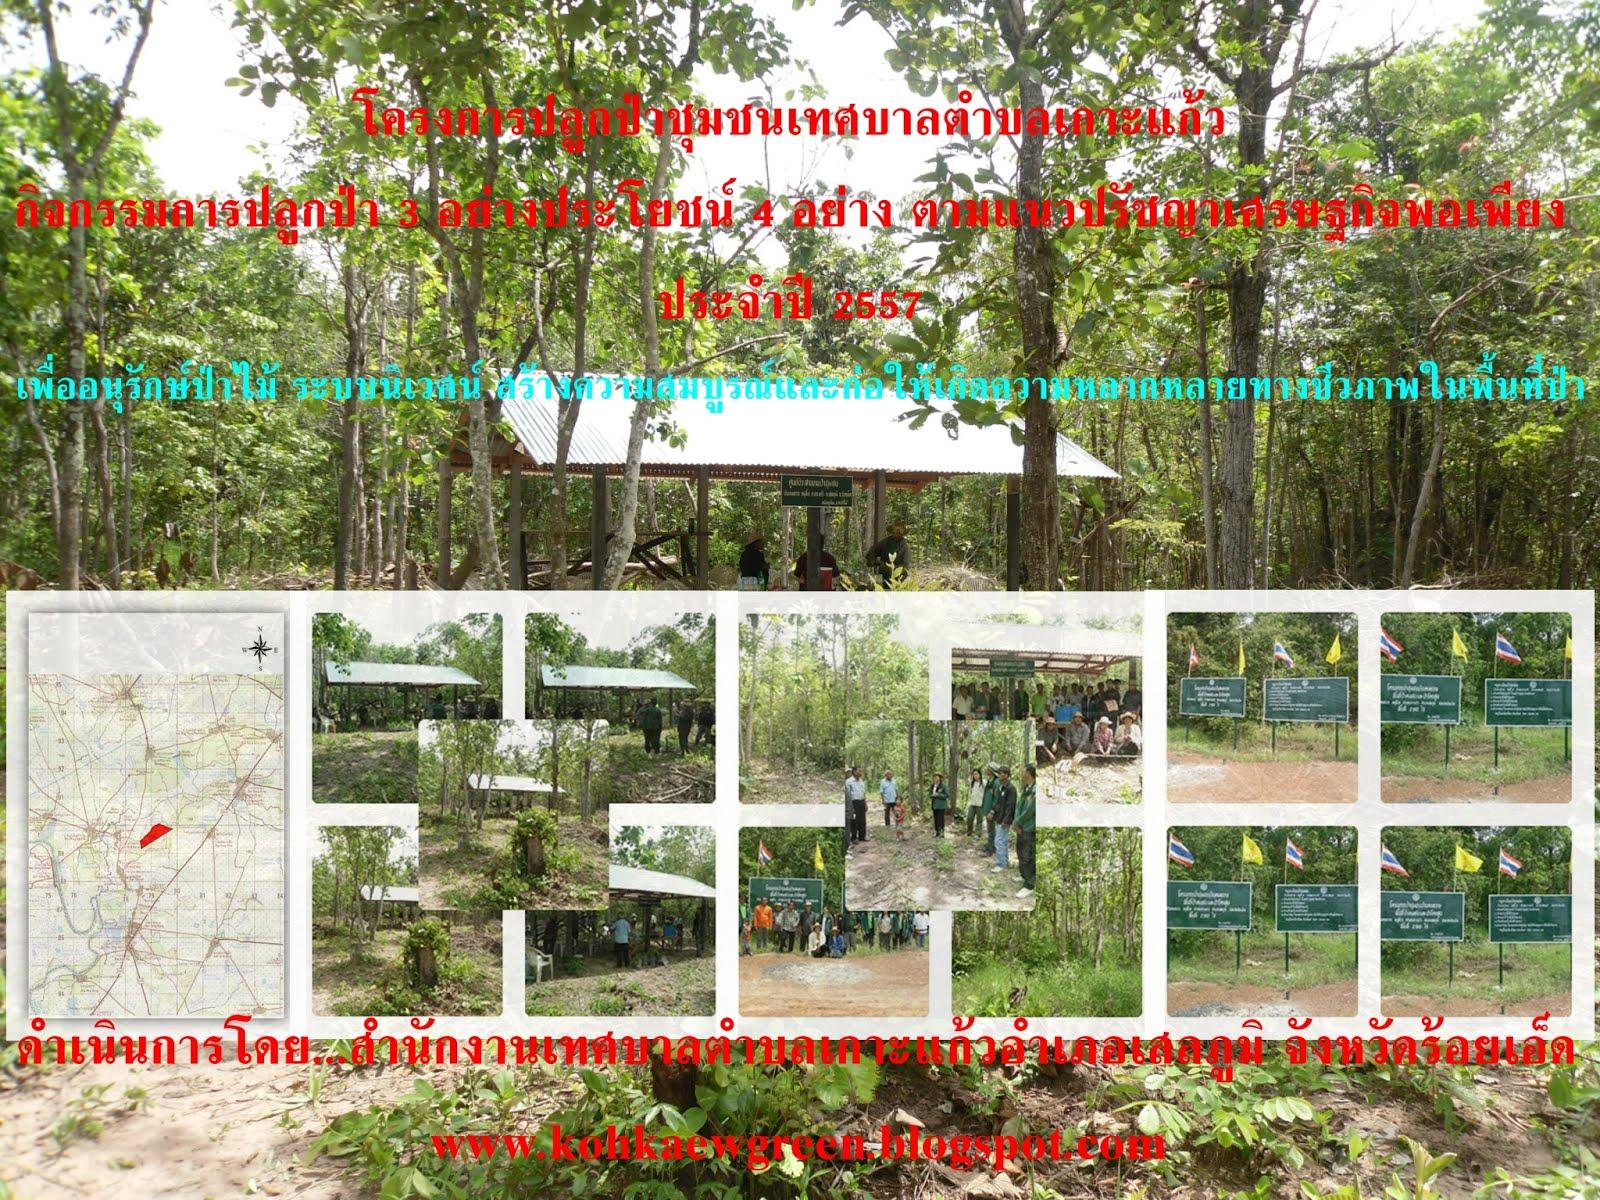 โครงการปลูกป่าชุมชน ปี 57